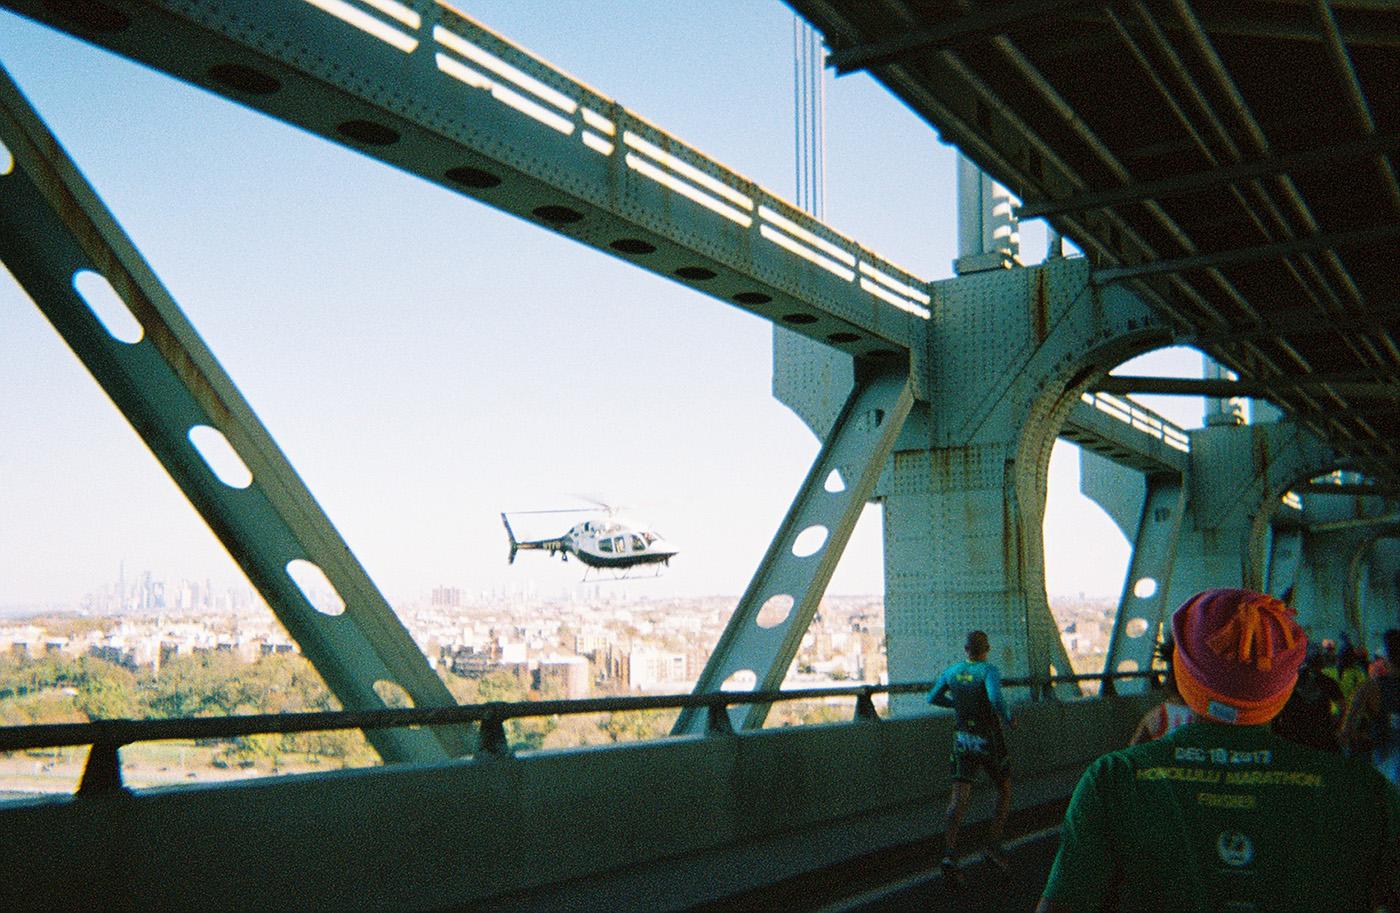 Нью-Йоркский марафон в 30 кадрах, сделанных на плёночный фотоаппарат